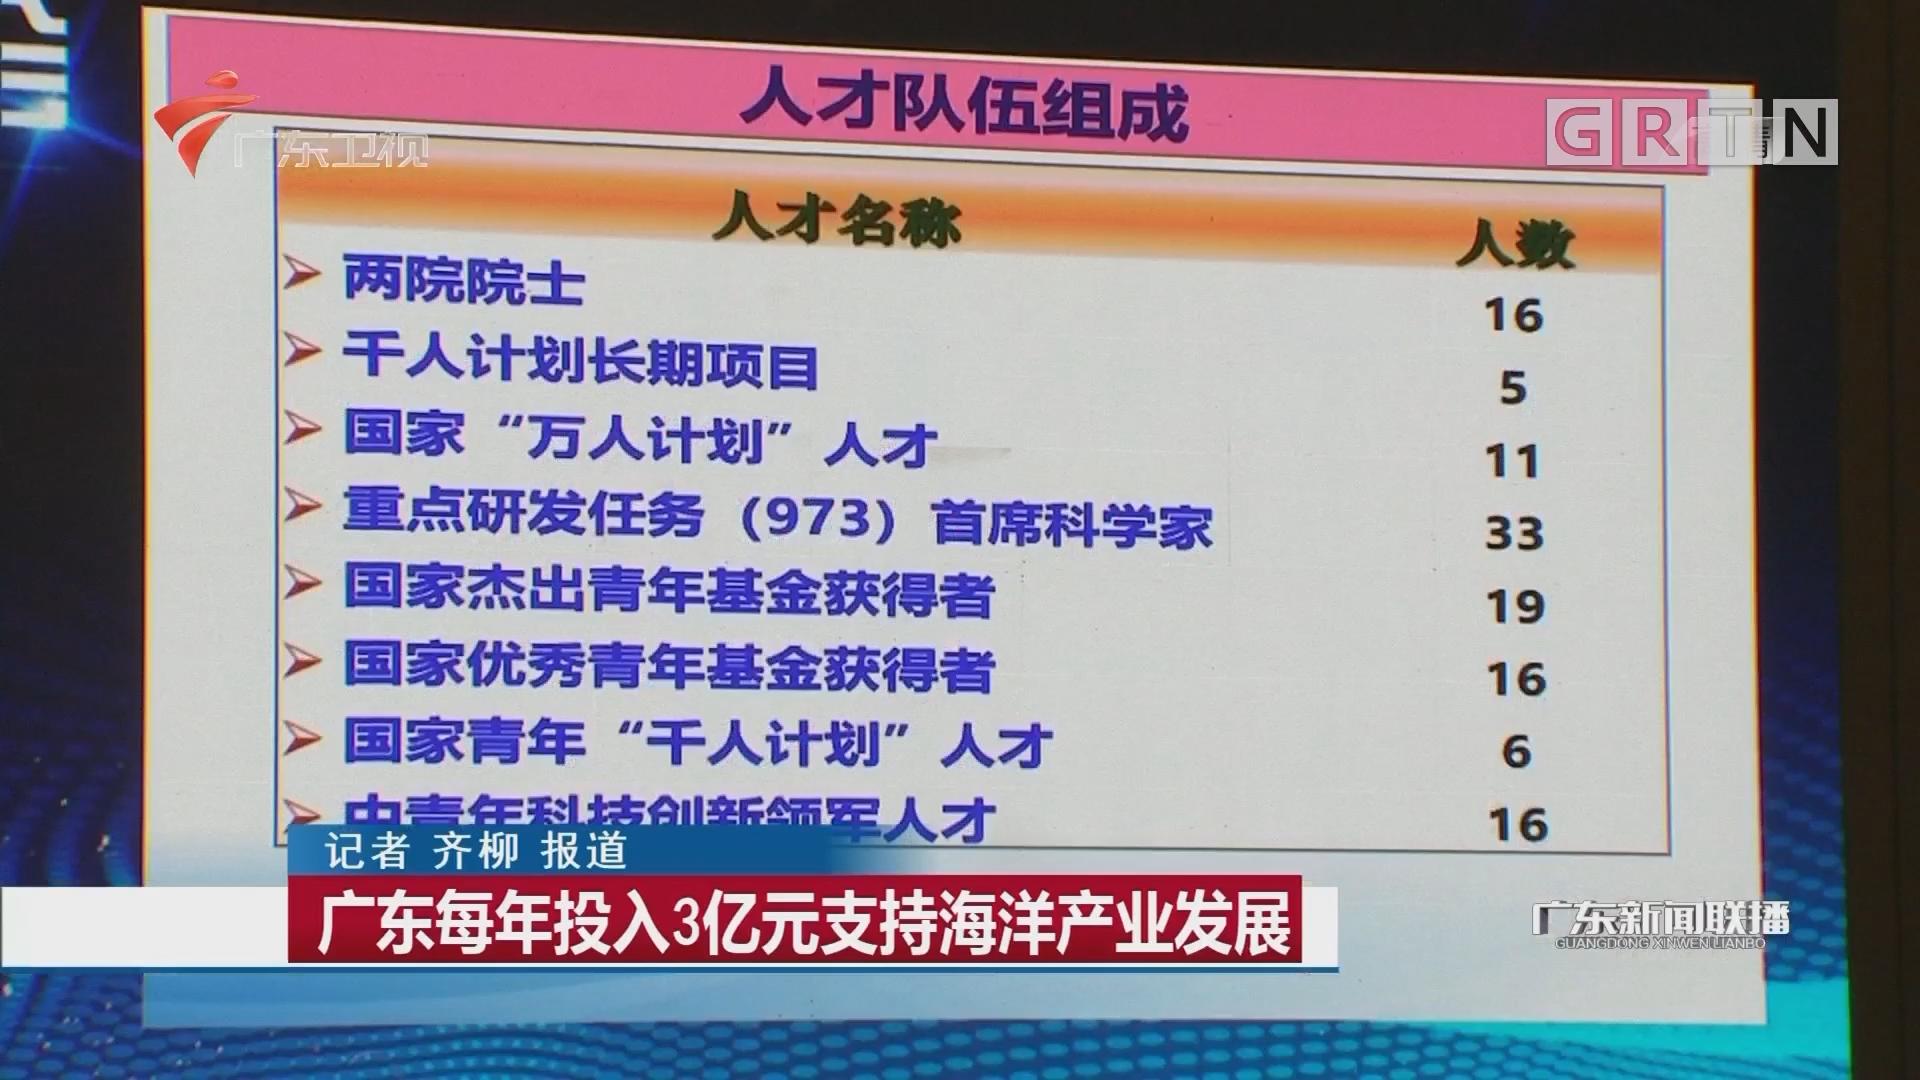 广东每年投入3亿元支持海洋产业发展